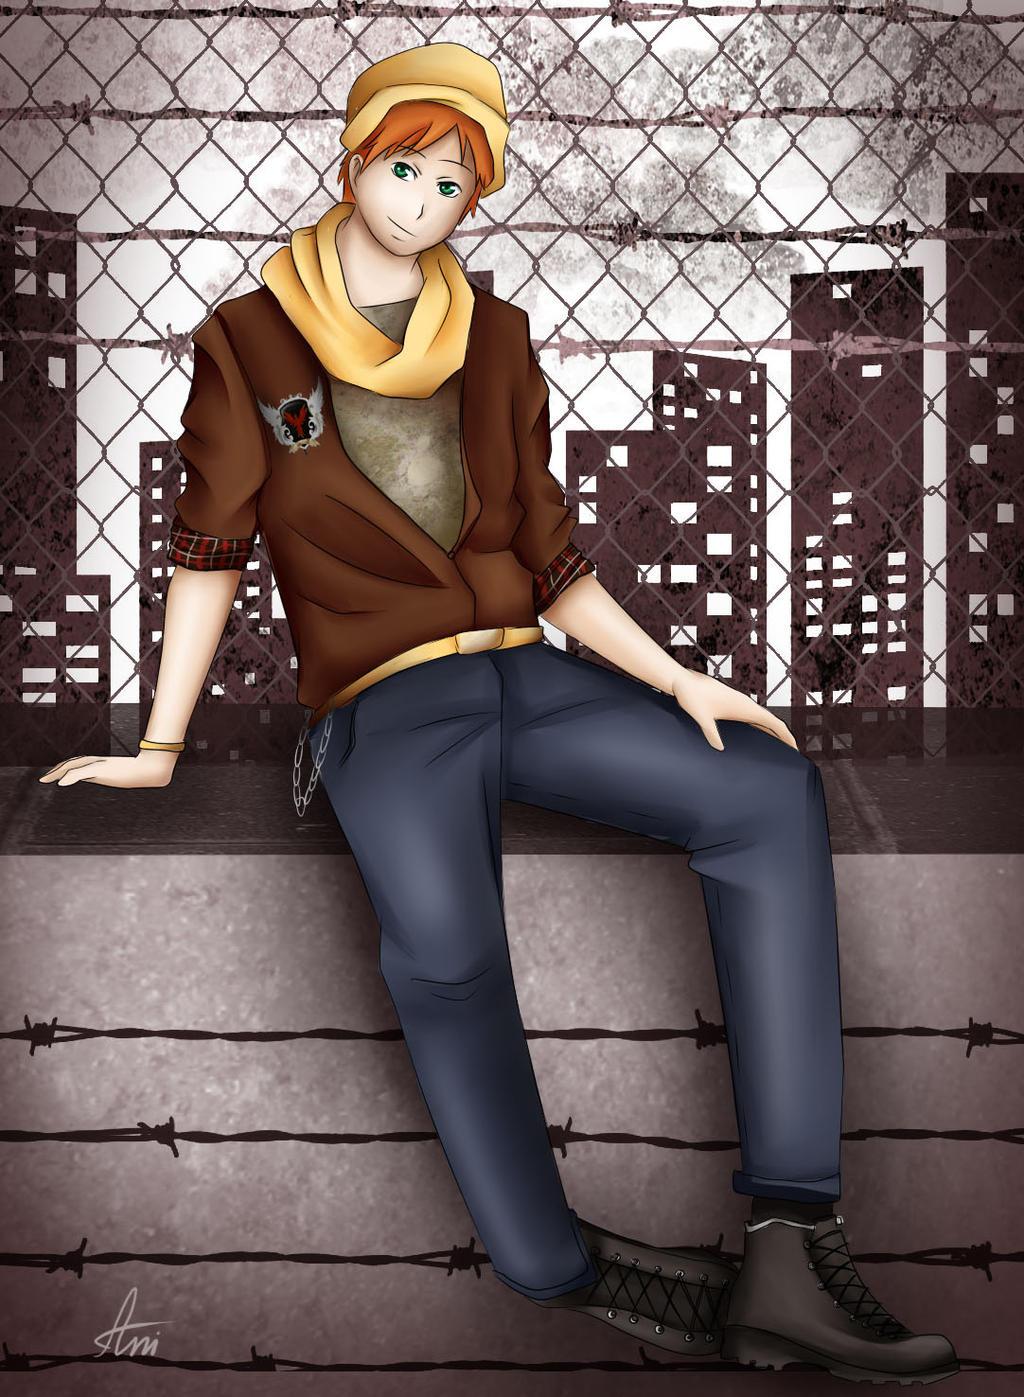 Urban style Damian by Maniac-ani